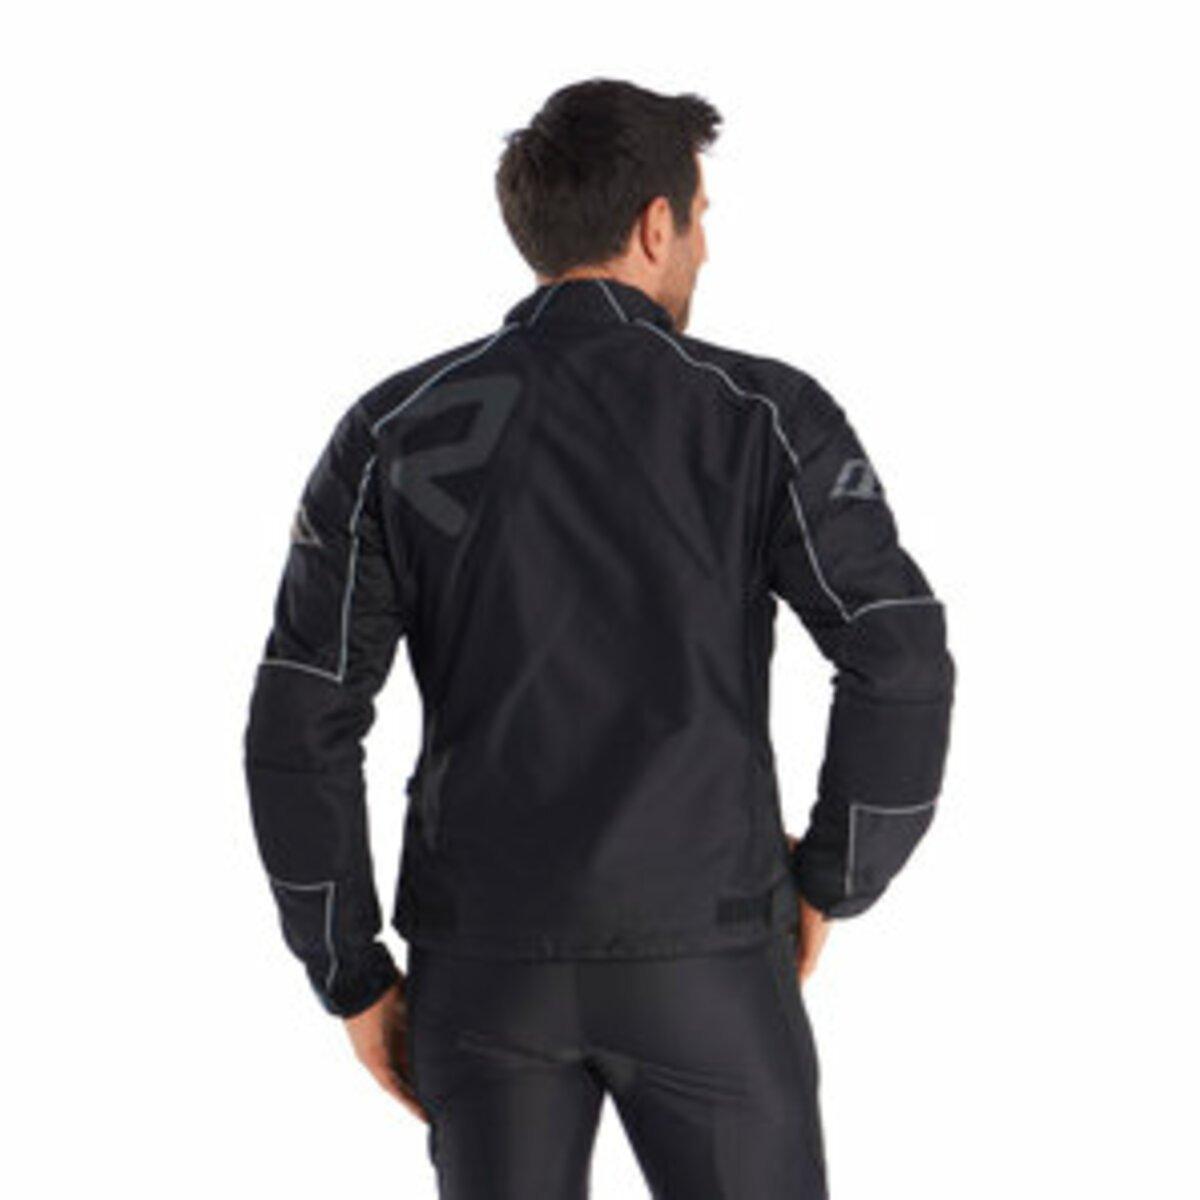 Bild 2 von rukka AirAll        Textiljacke